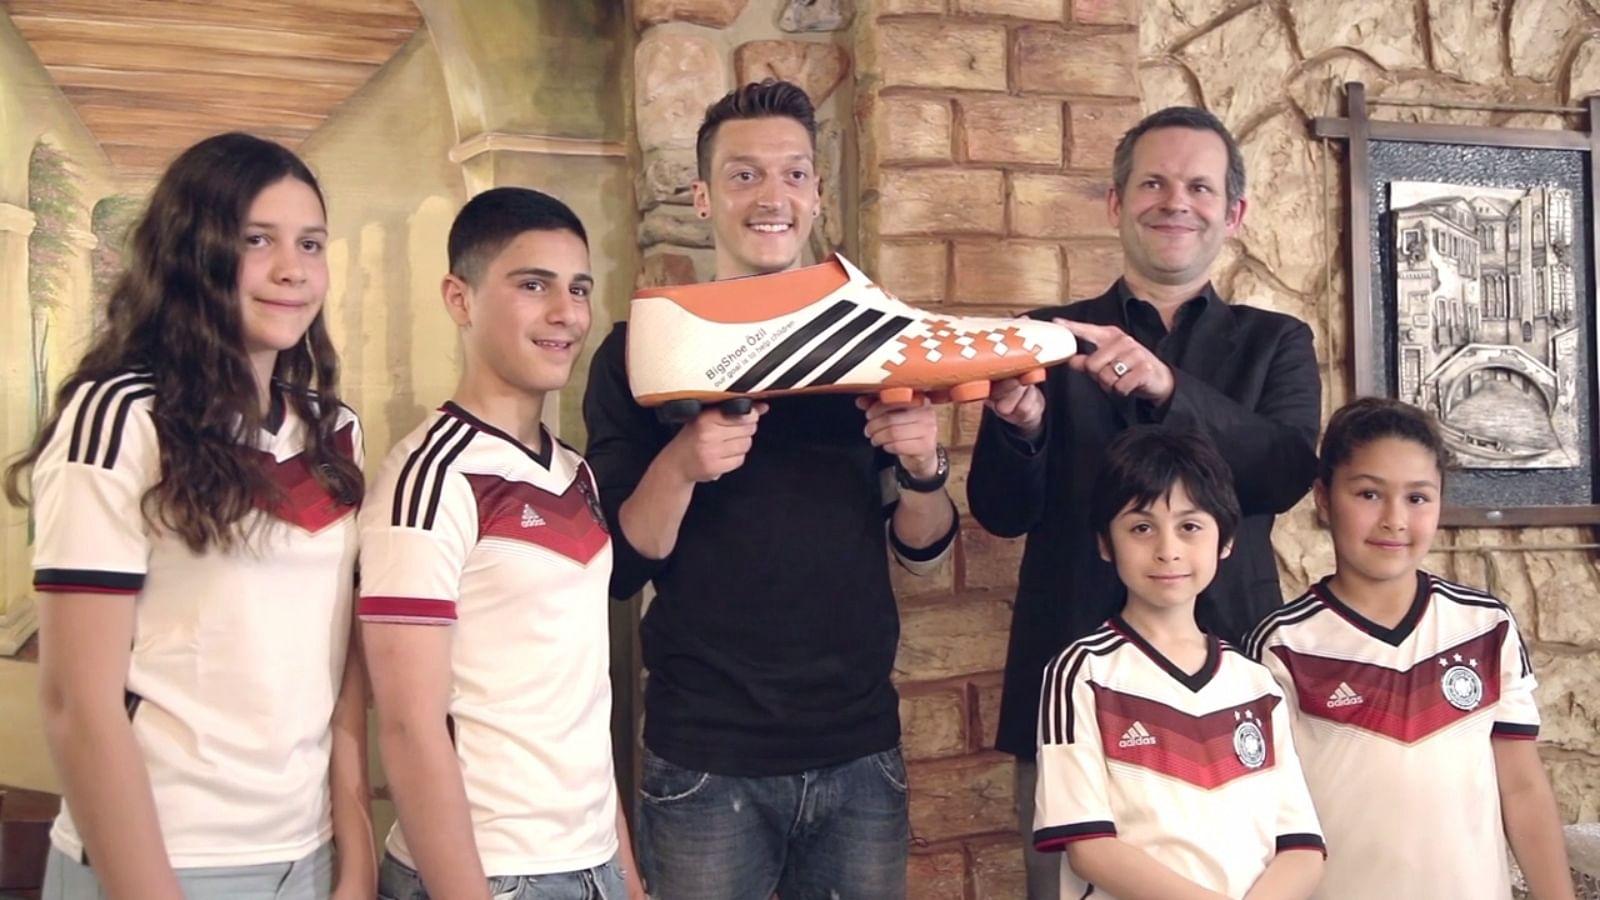 Mesut Ozil donates World Cup